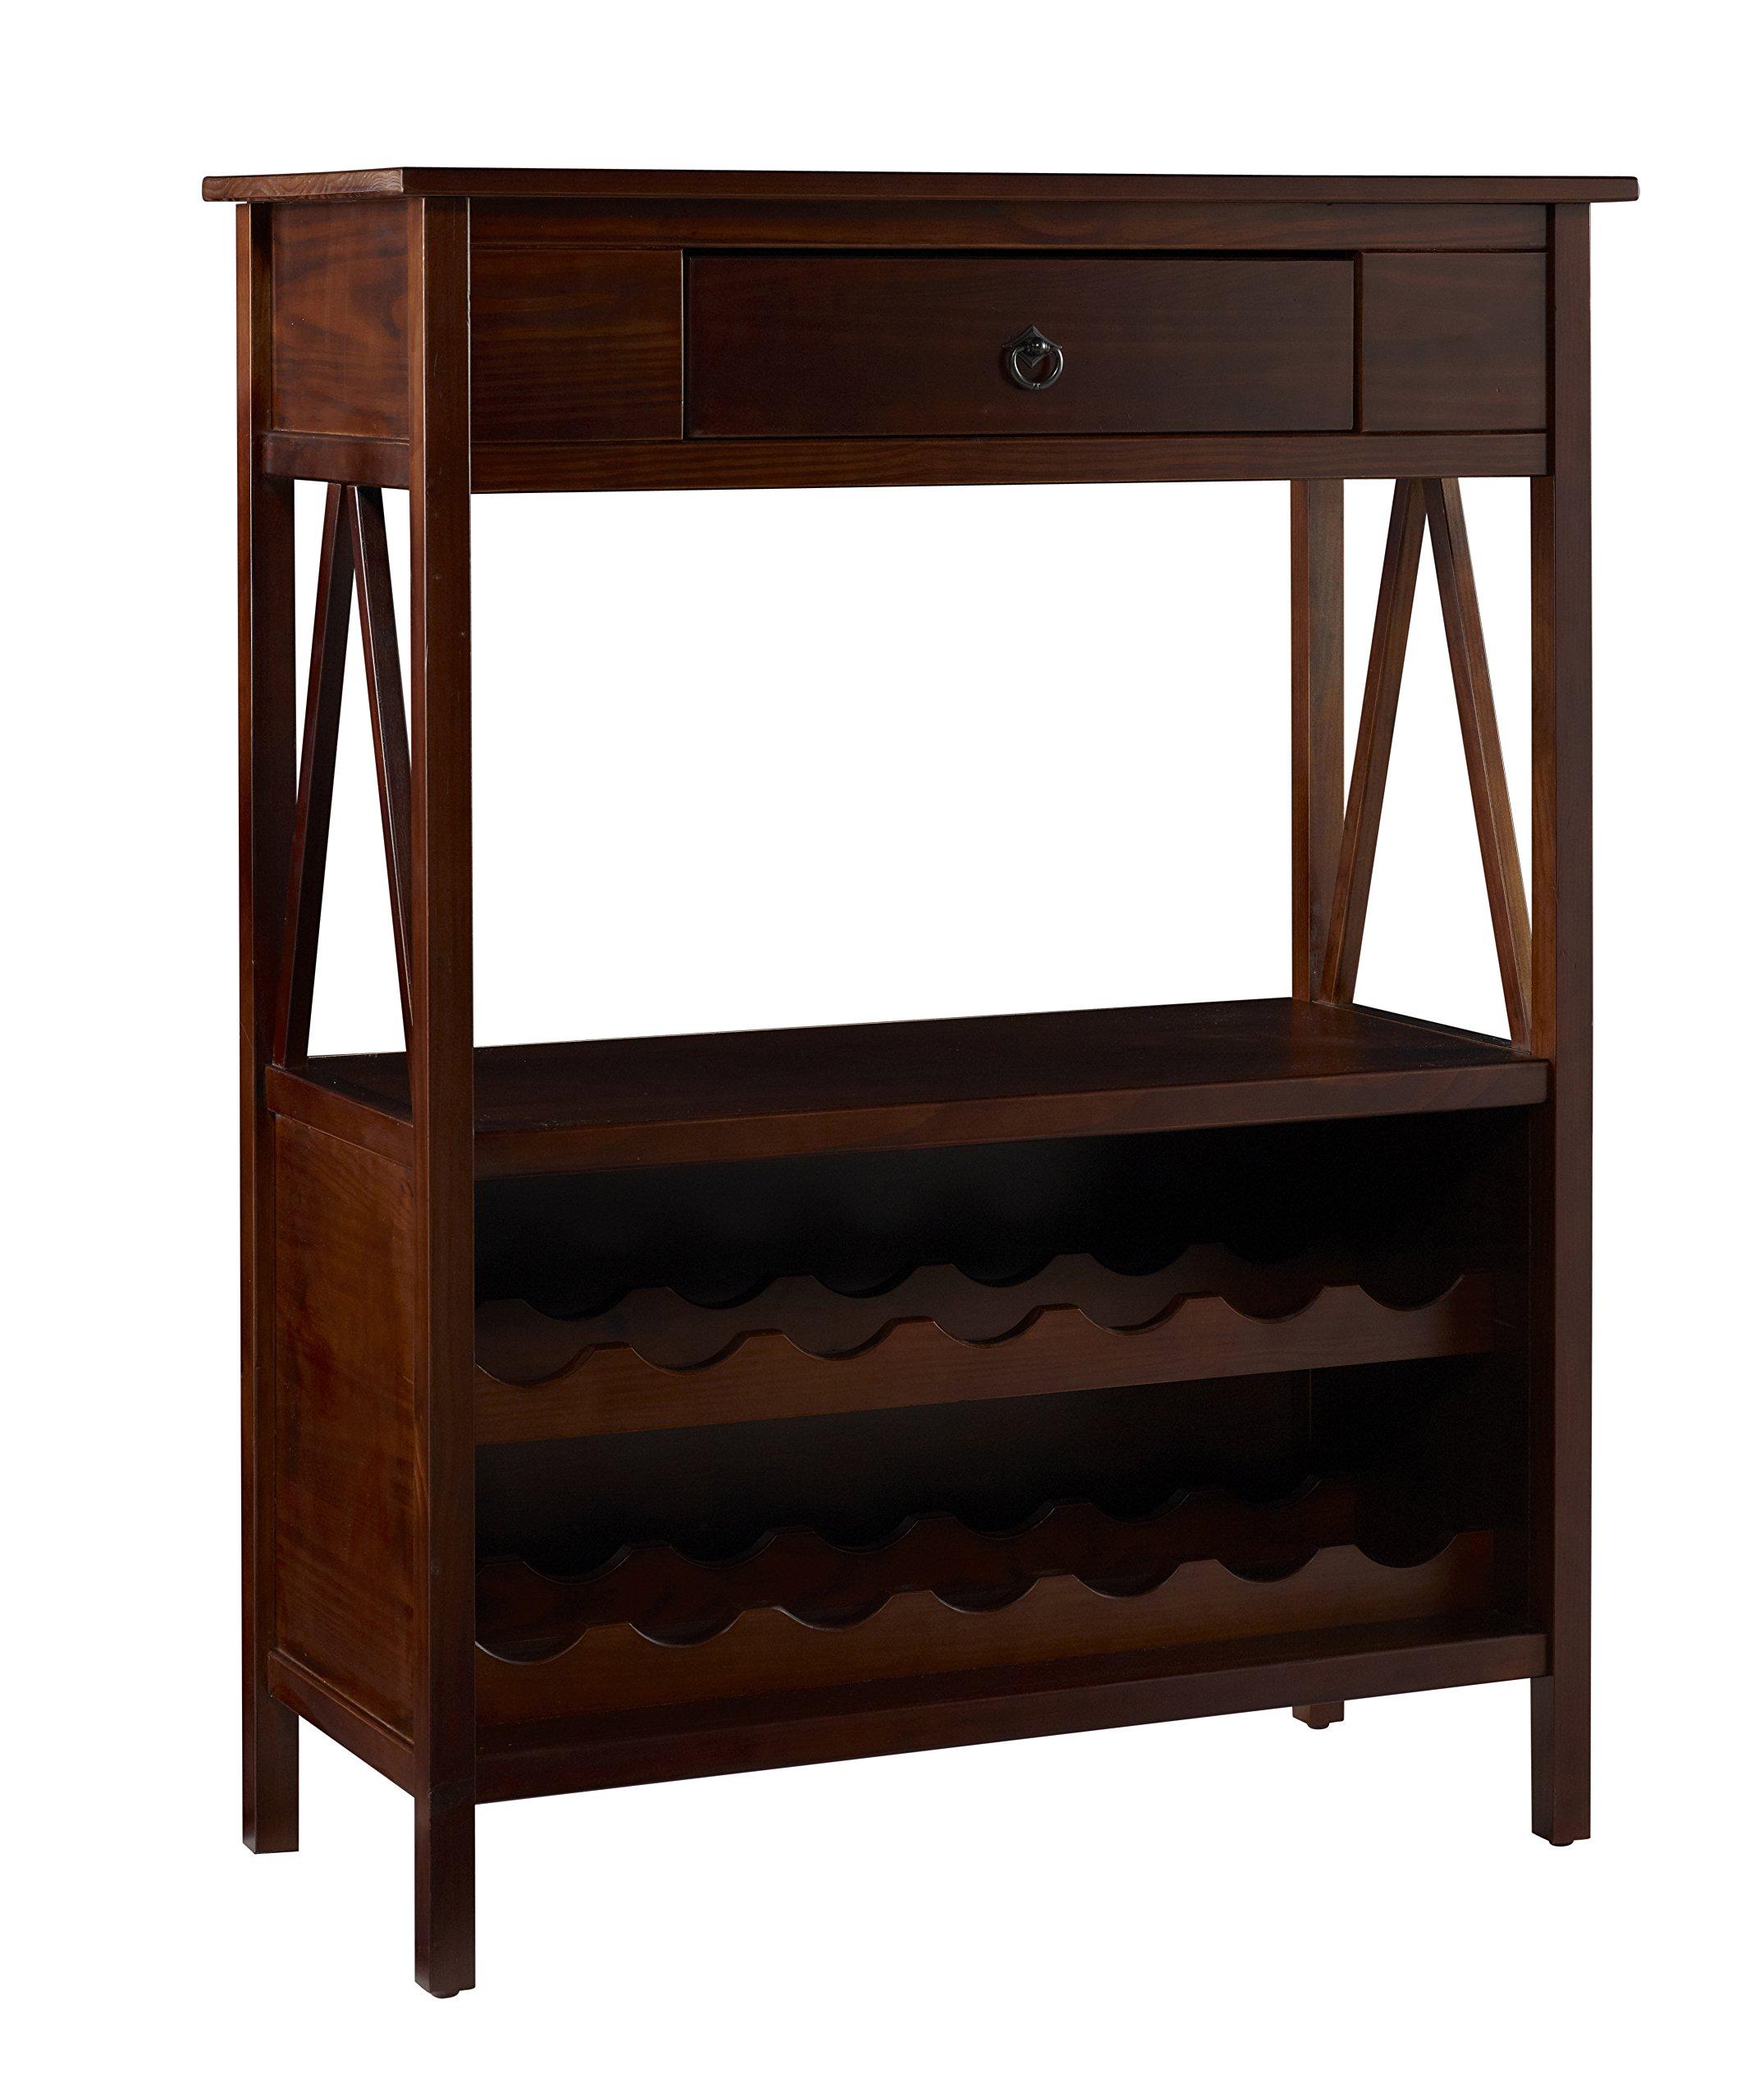 Linon Titian Wine Cabinet by Linon